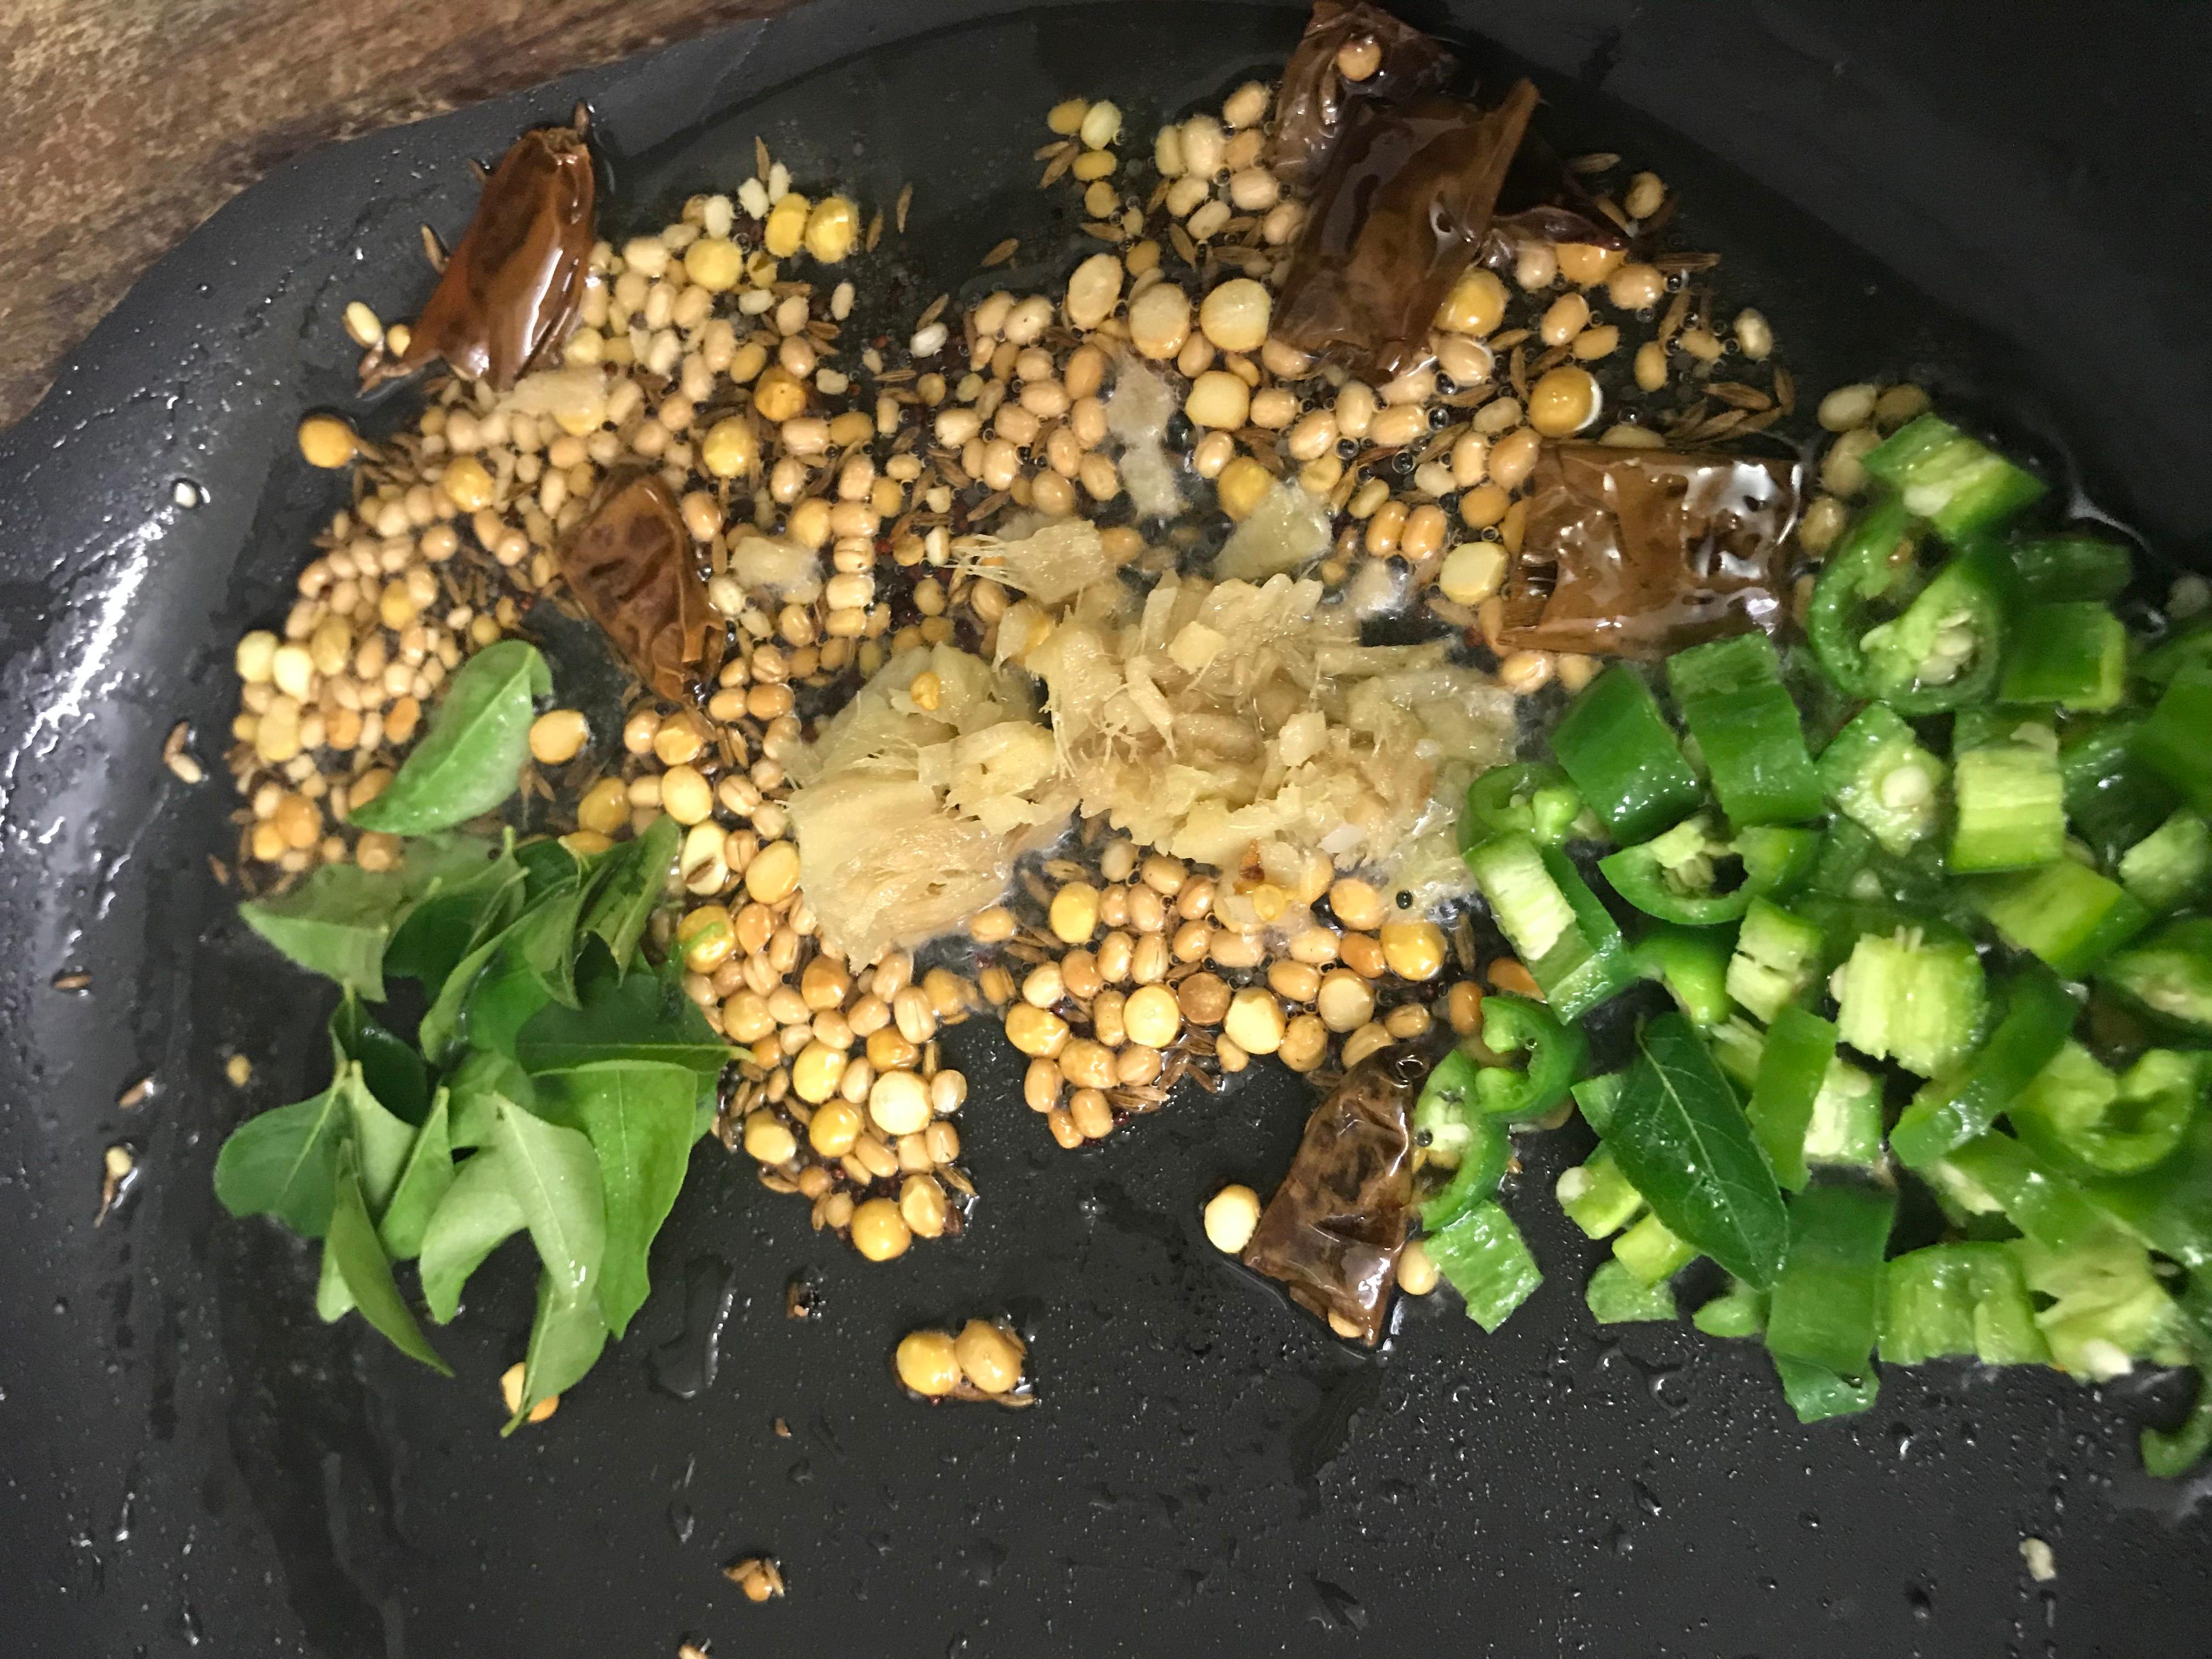 gruene-chili-ingwer-und-curryblaetter-zugeben.jpeg